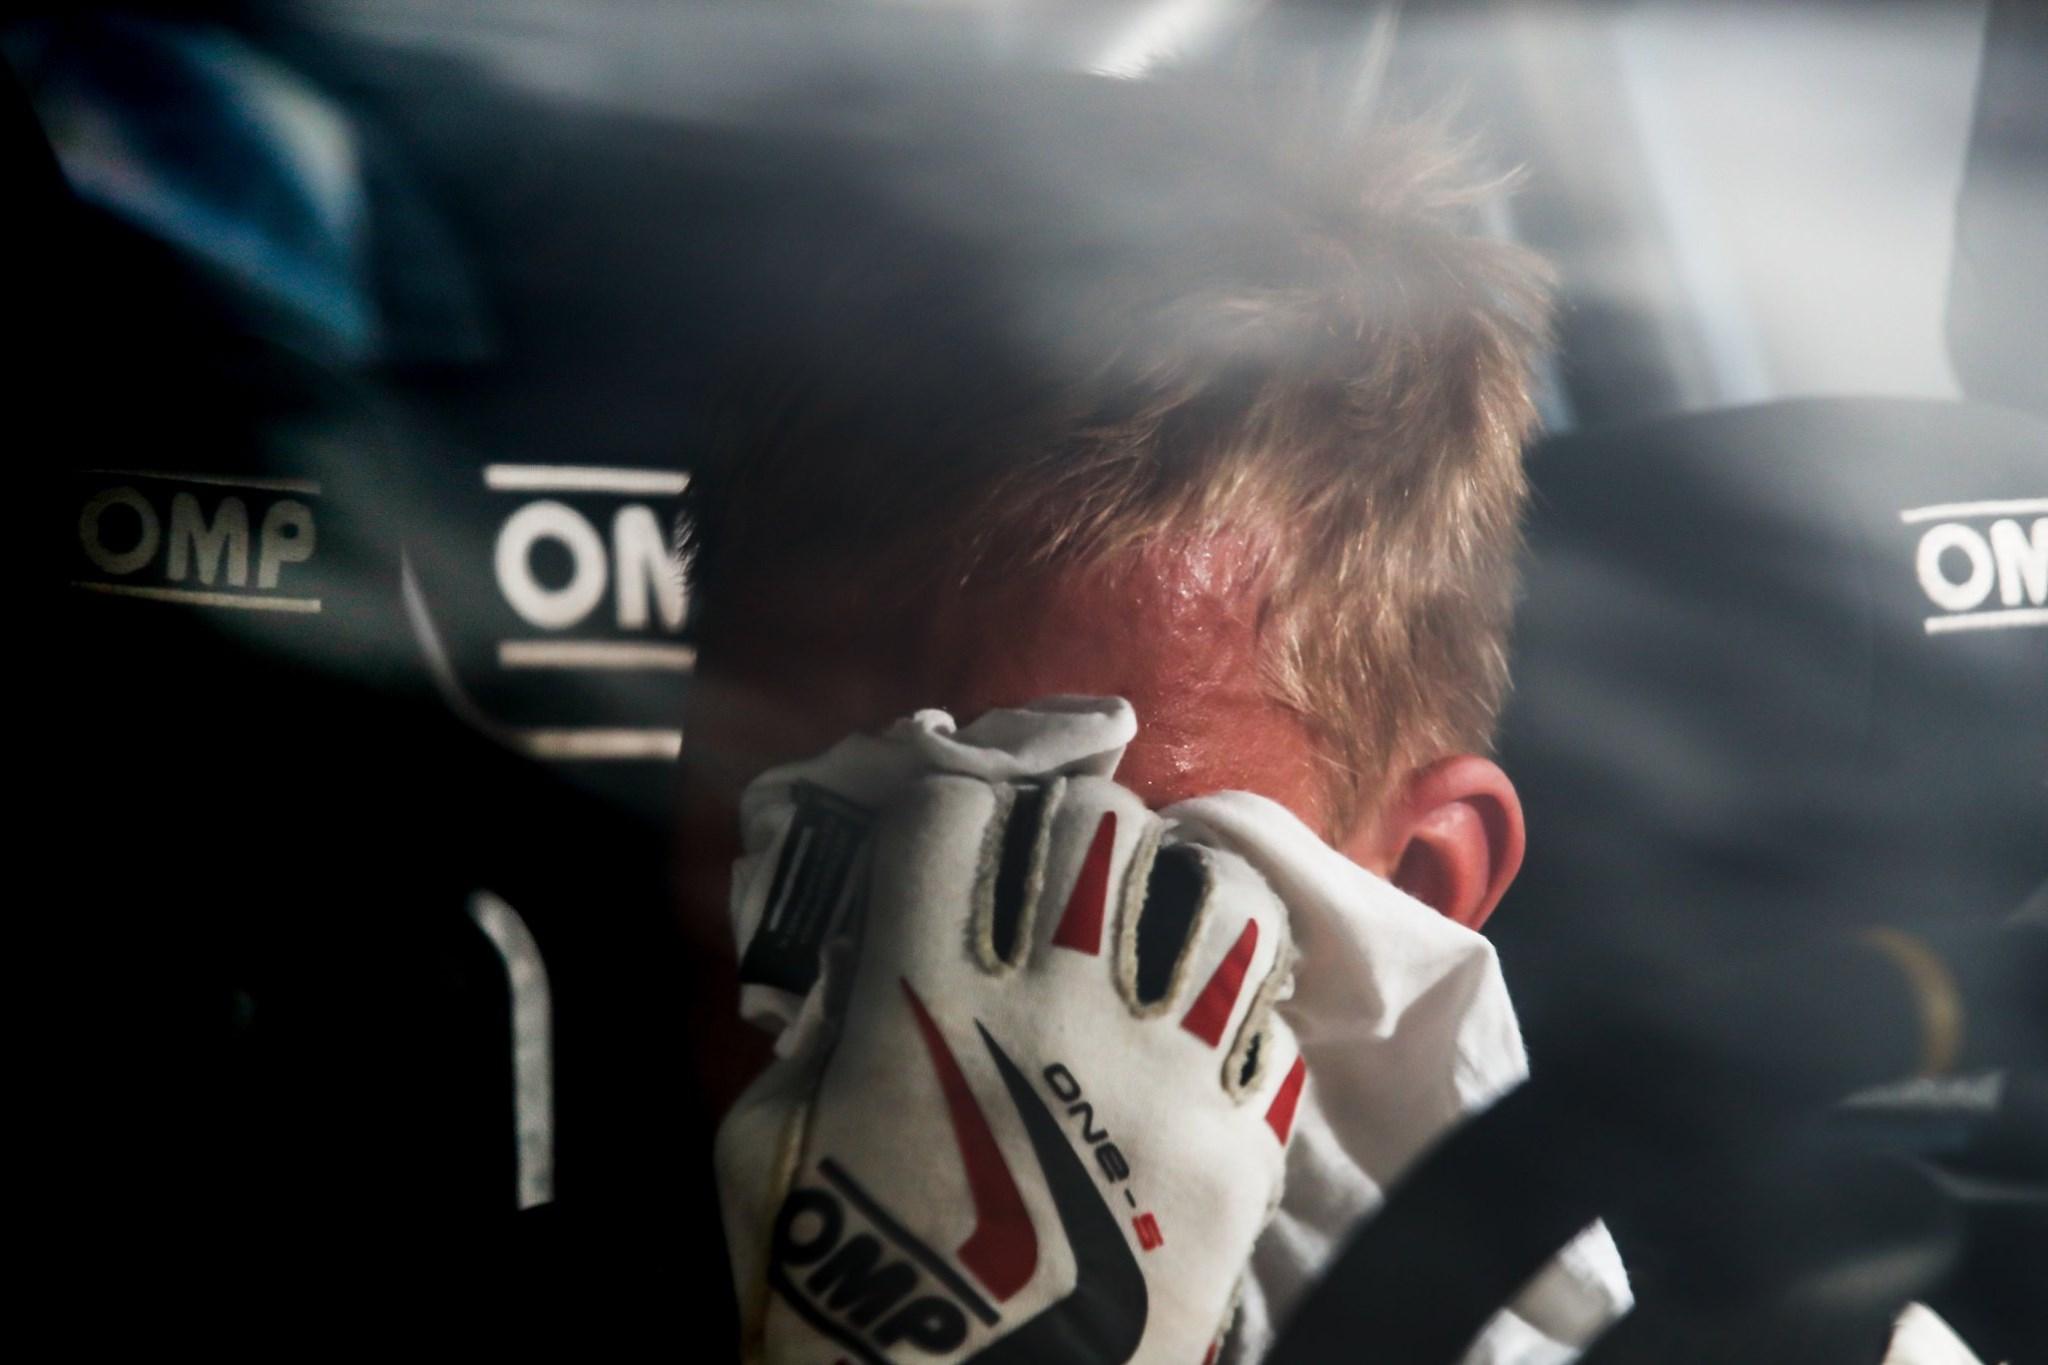 źródło: Toyota Gazoo Racing WRC  |  Ott Tanak na mecie rajdu